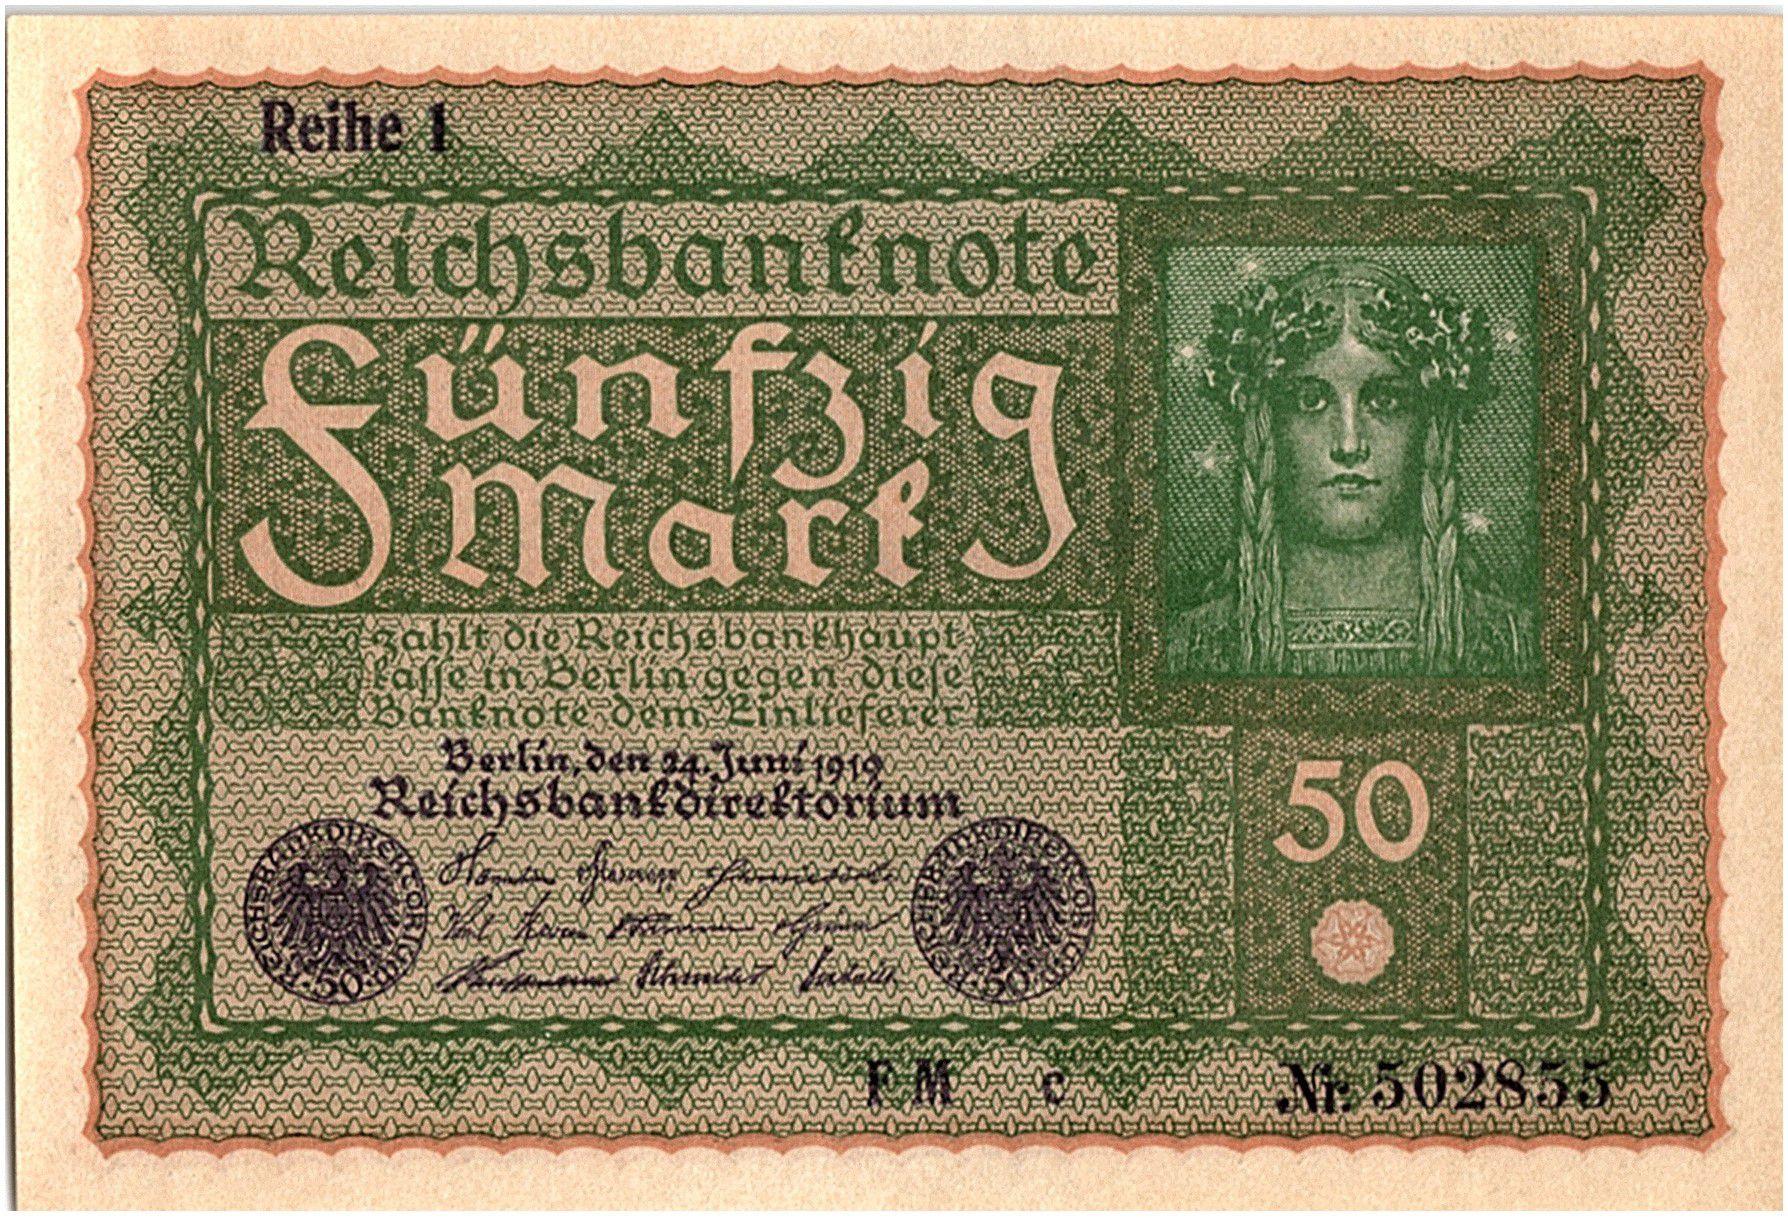 Allemagne 50 Mark Portrait de femme - 1919 - Reihe 1 Série FM c - p.NEUF - P.66